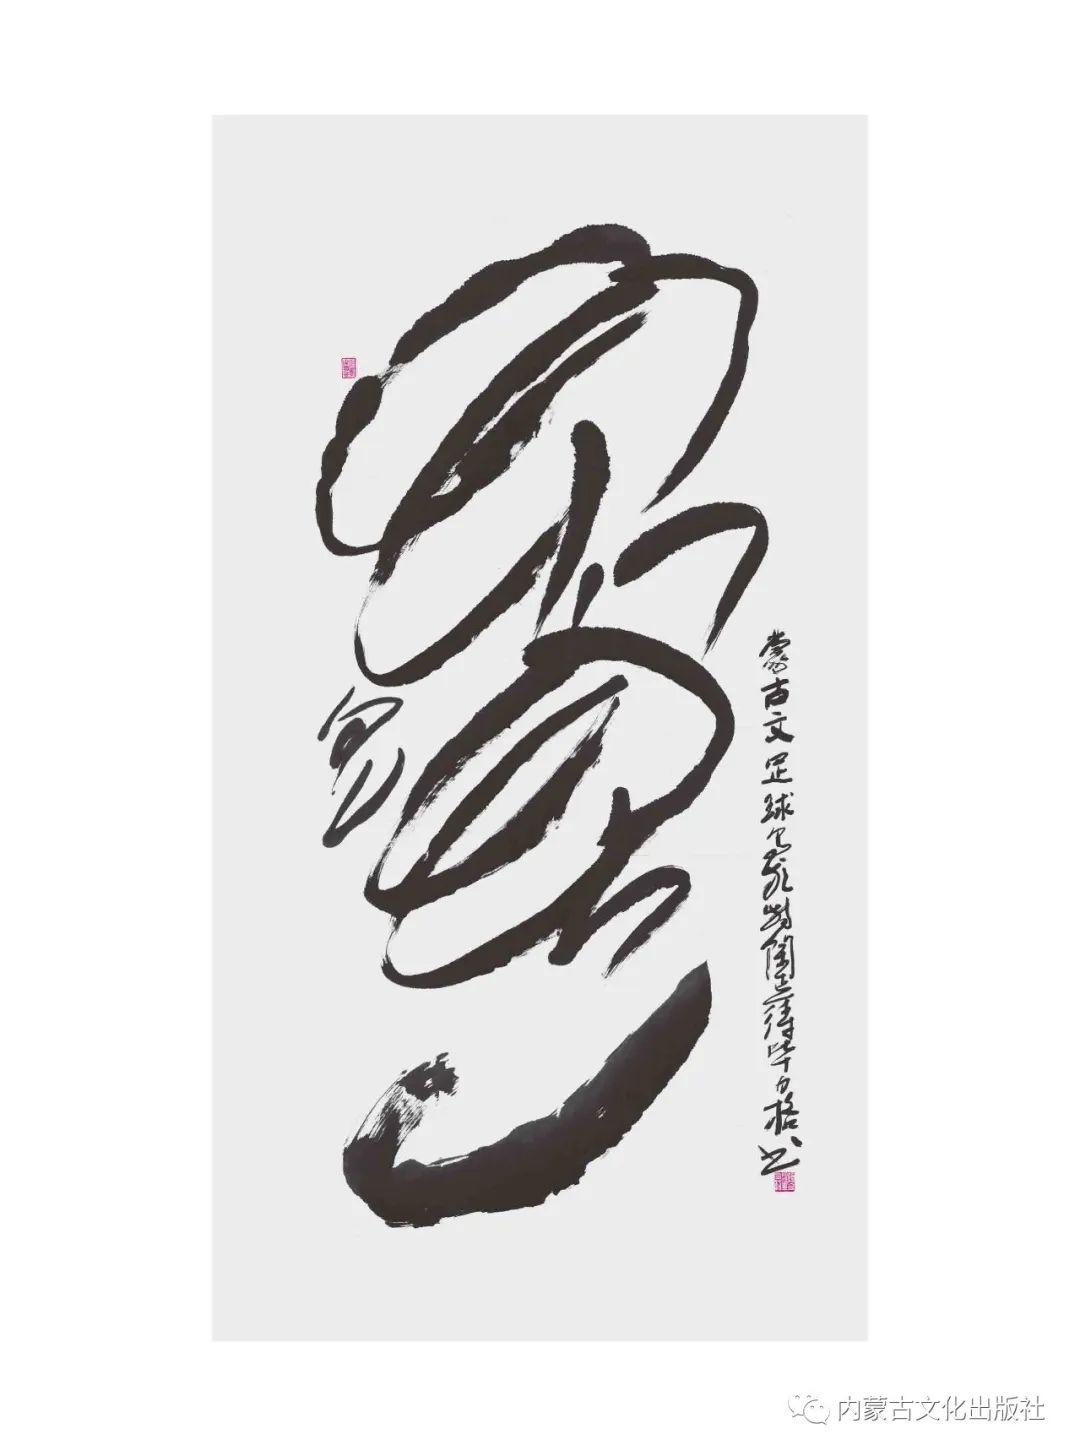 蒙古语   蒙古文书法欣赏 第5张 蒙古语   蒙古文书法欣赏 蒙古书法